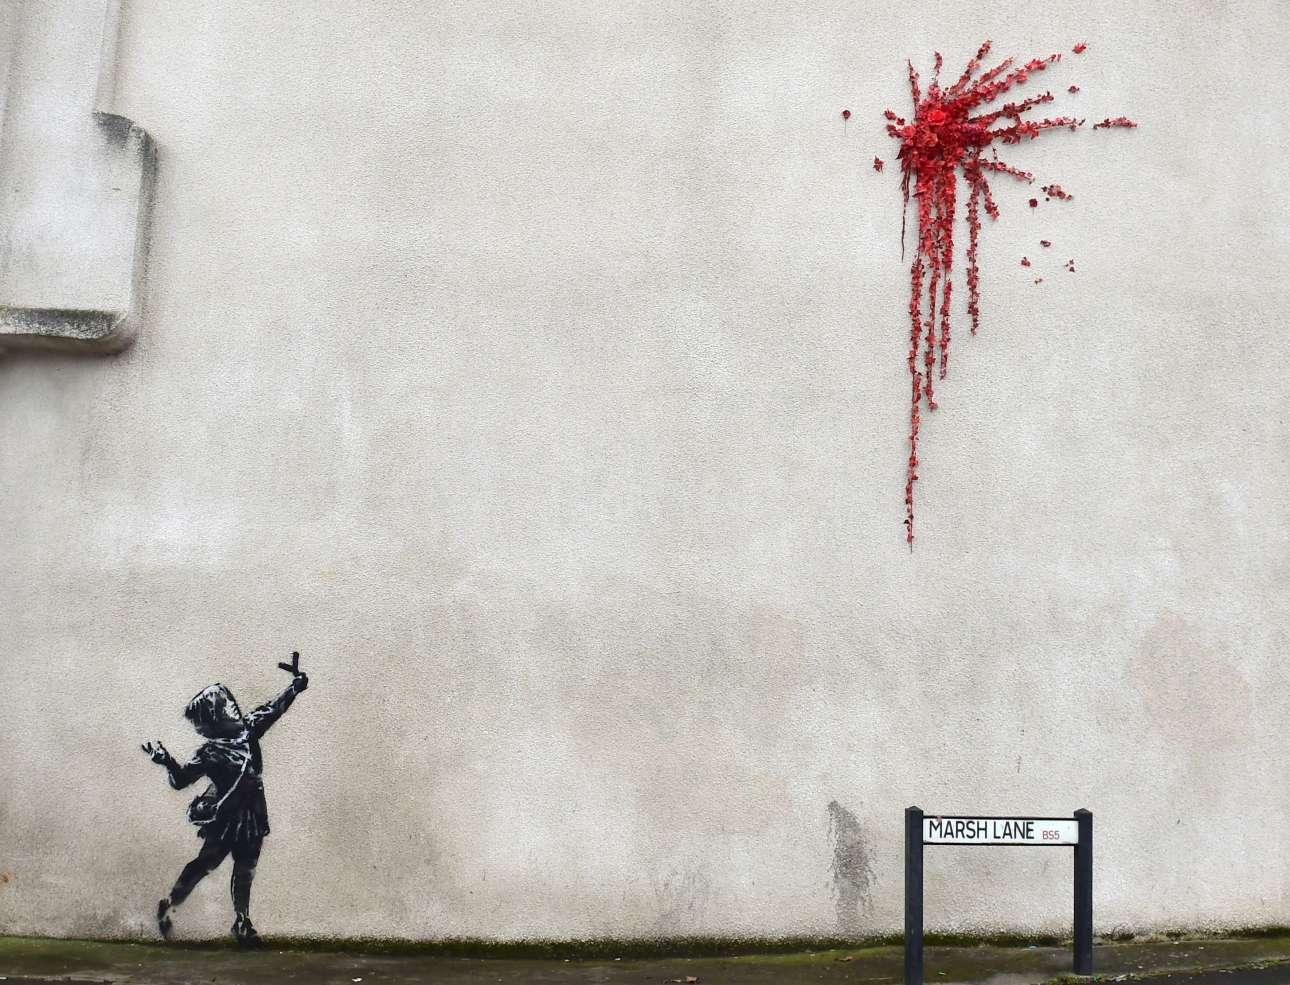 Βρετανία: νέα τοιχογραφία από το χέρι του καλλιτέχνη Banksy εμφανίστηκε, αυτή τη φορά στο Μπρίστολ